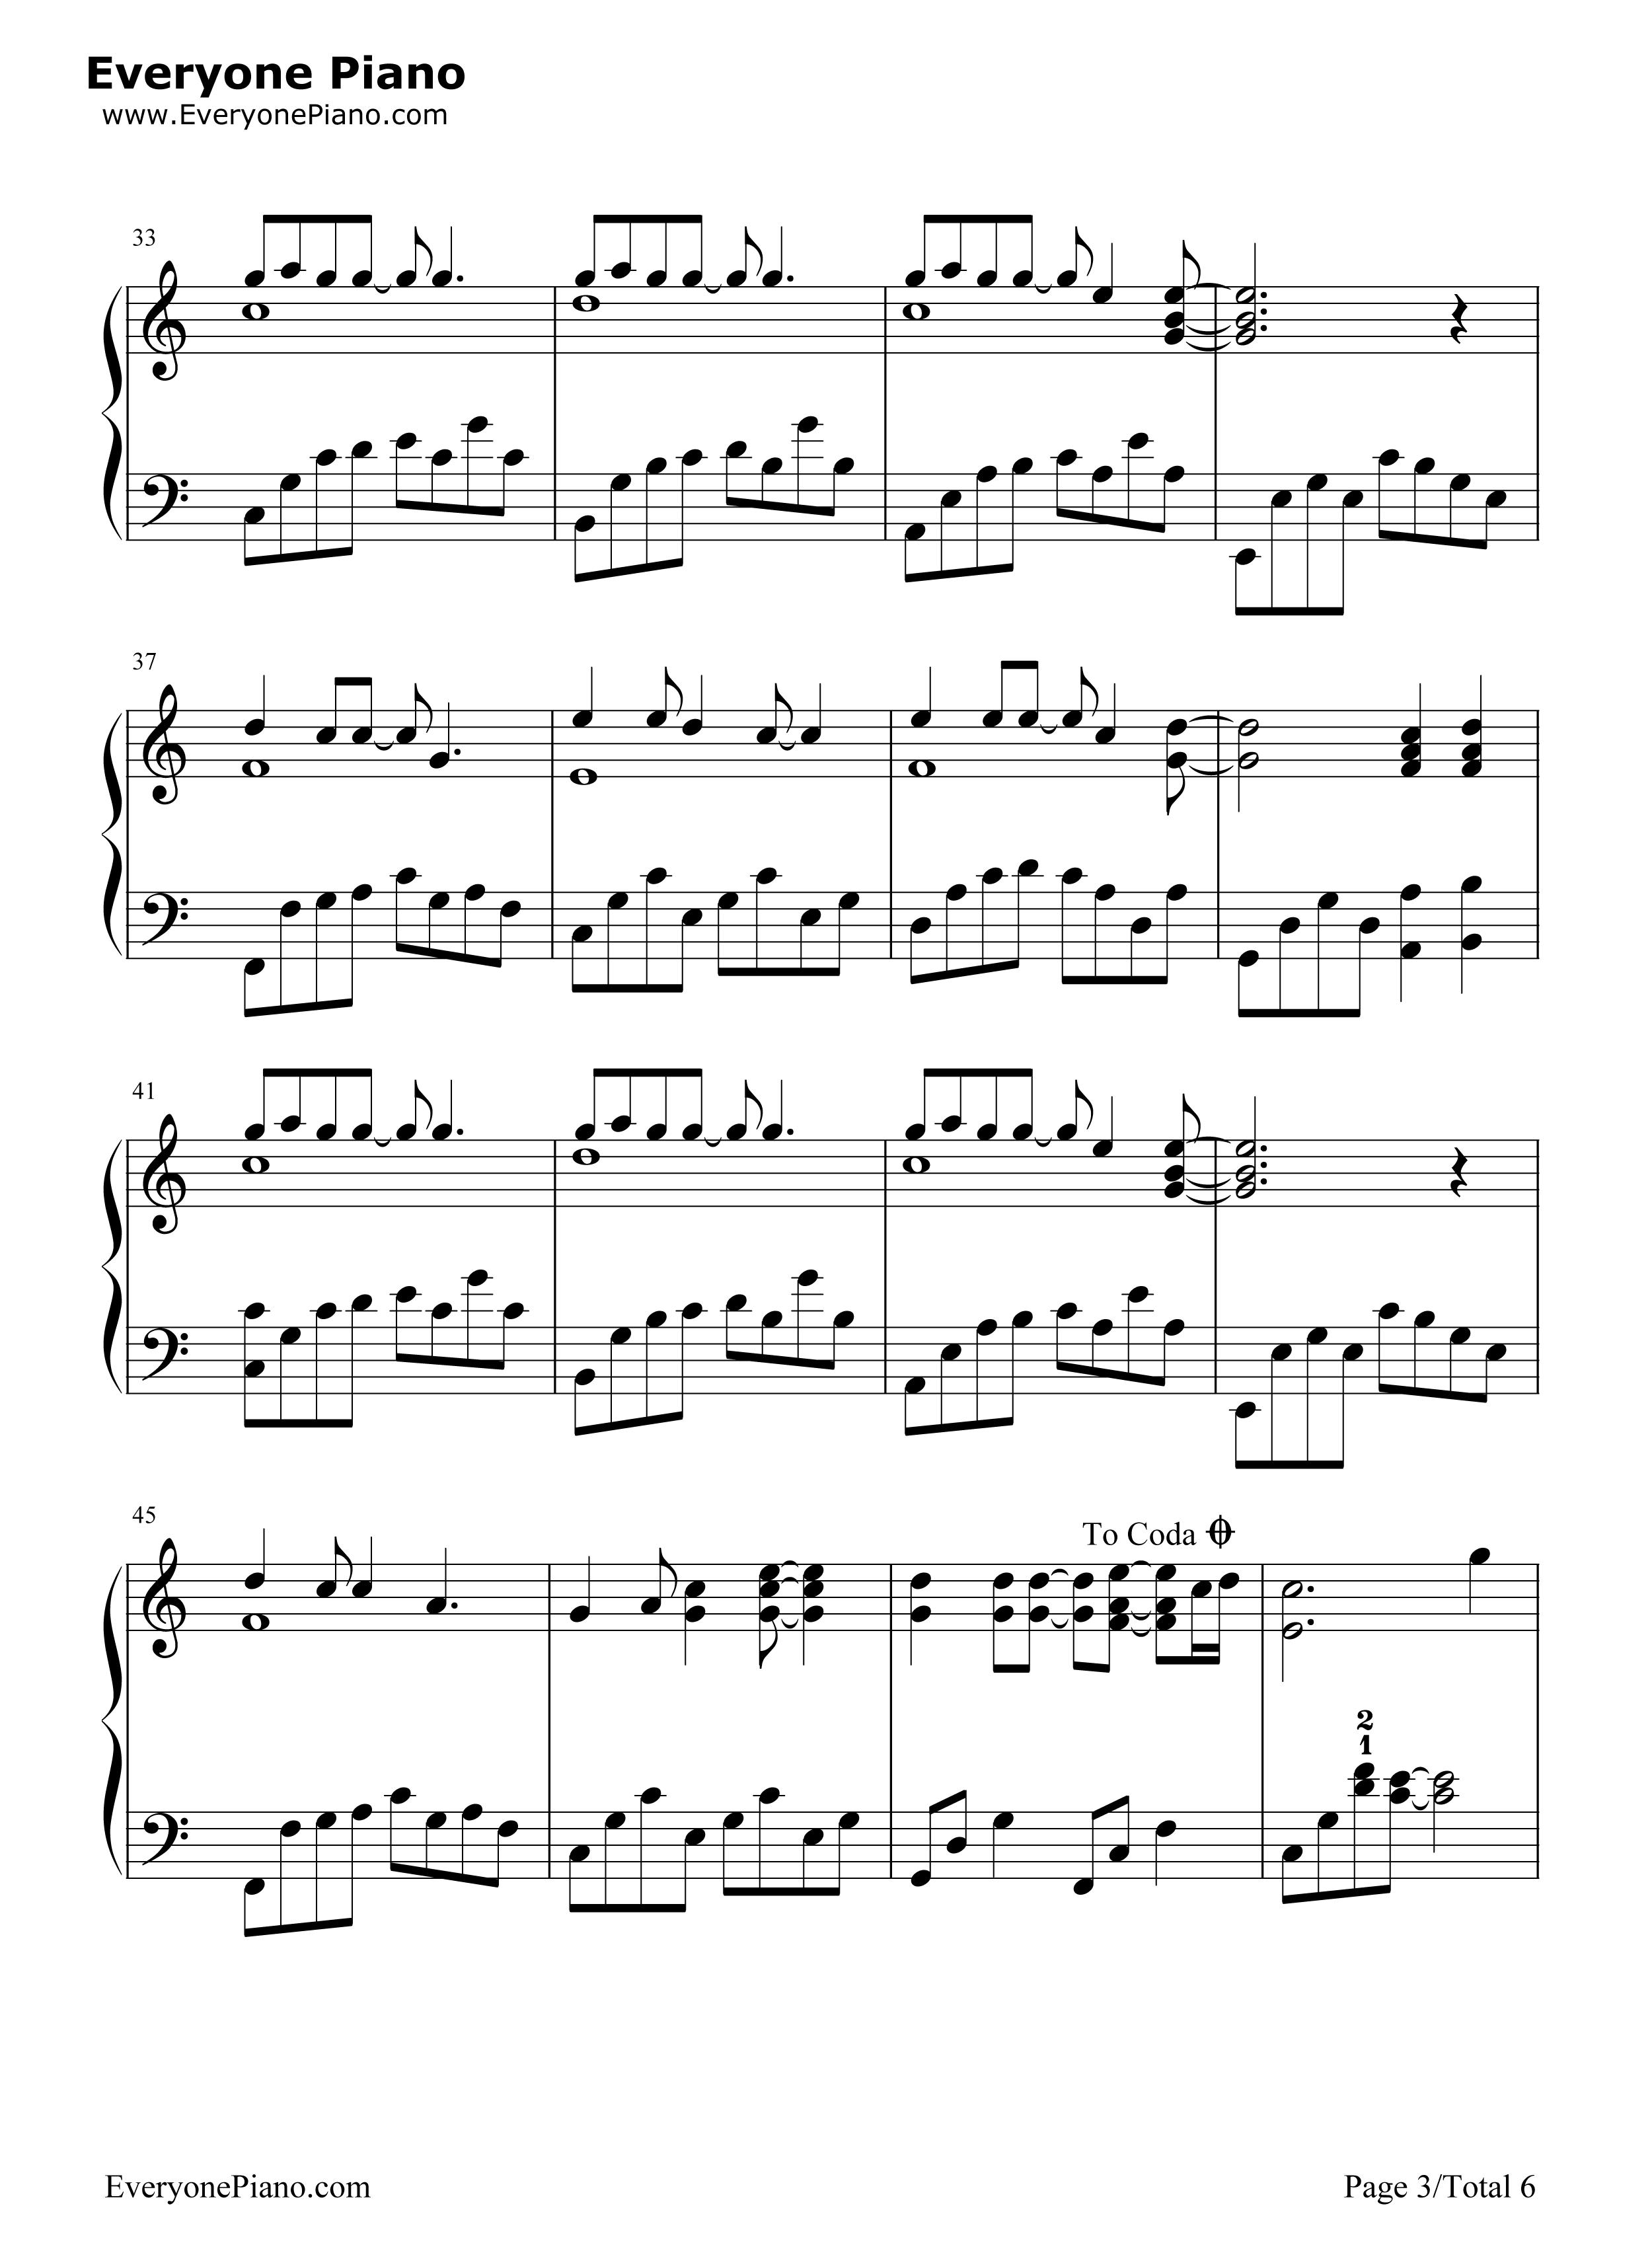 钢琴曲谱 流行 那些花儿-朴树 那些花儿-朴树五线谱预览3  }  仅供